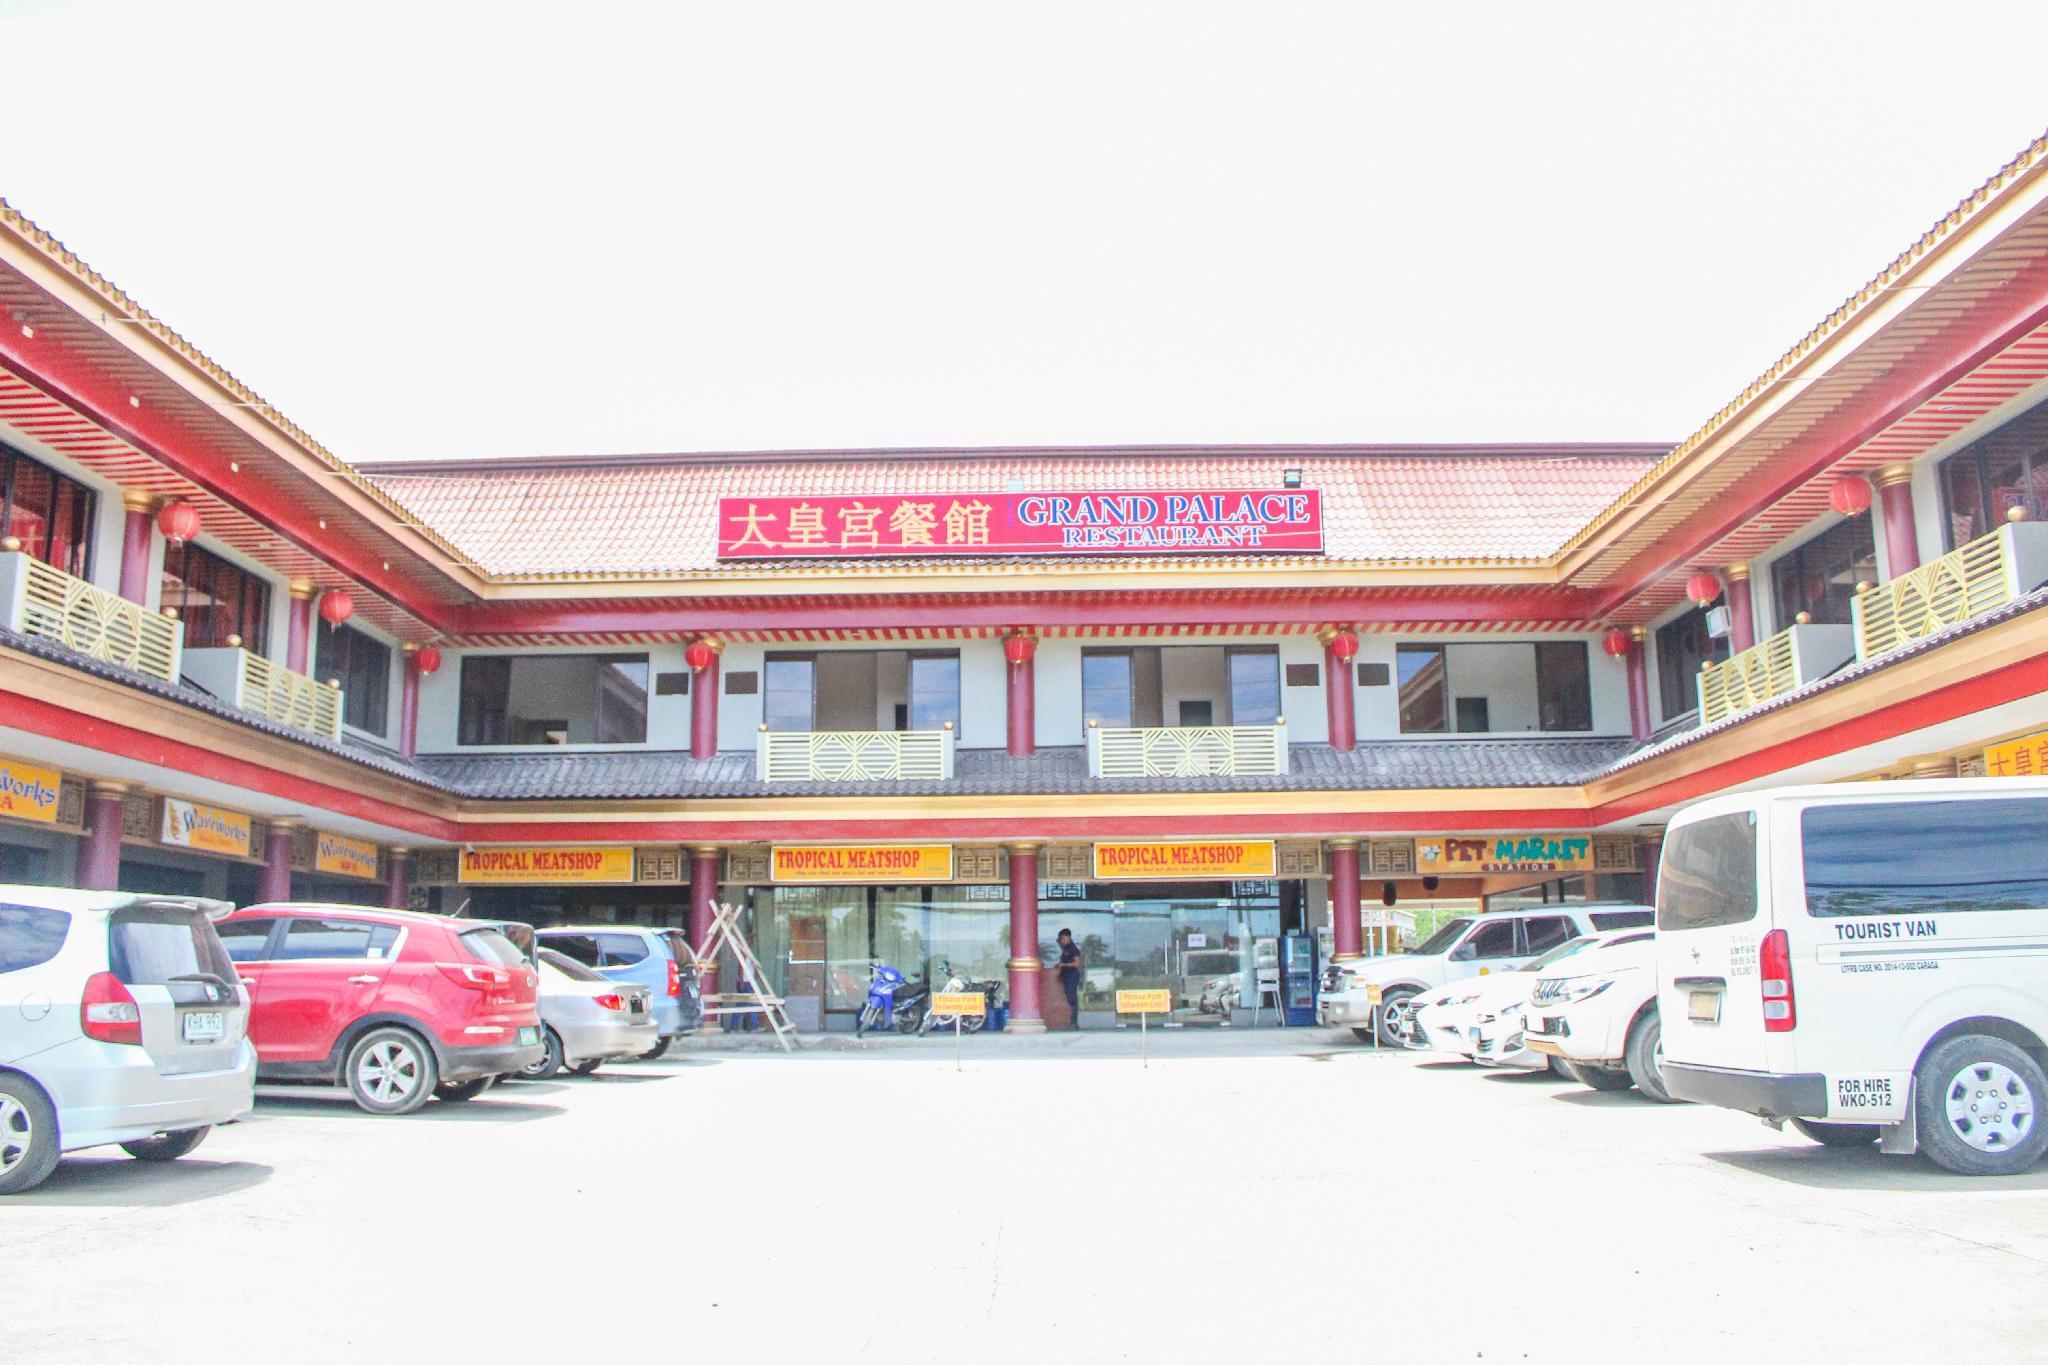 Butuan Grand Palace Annex, Butuan City